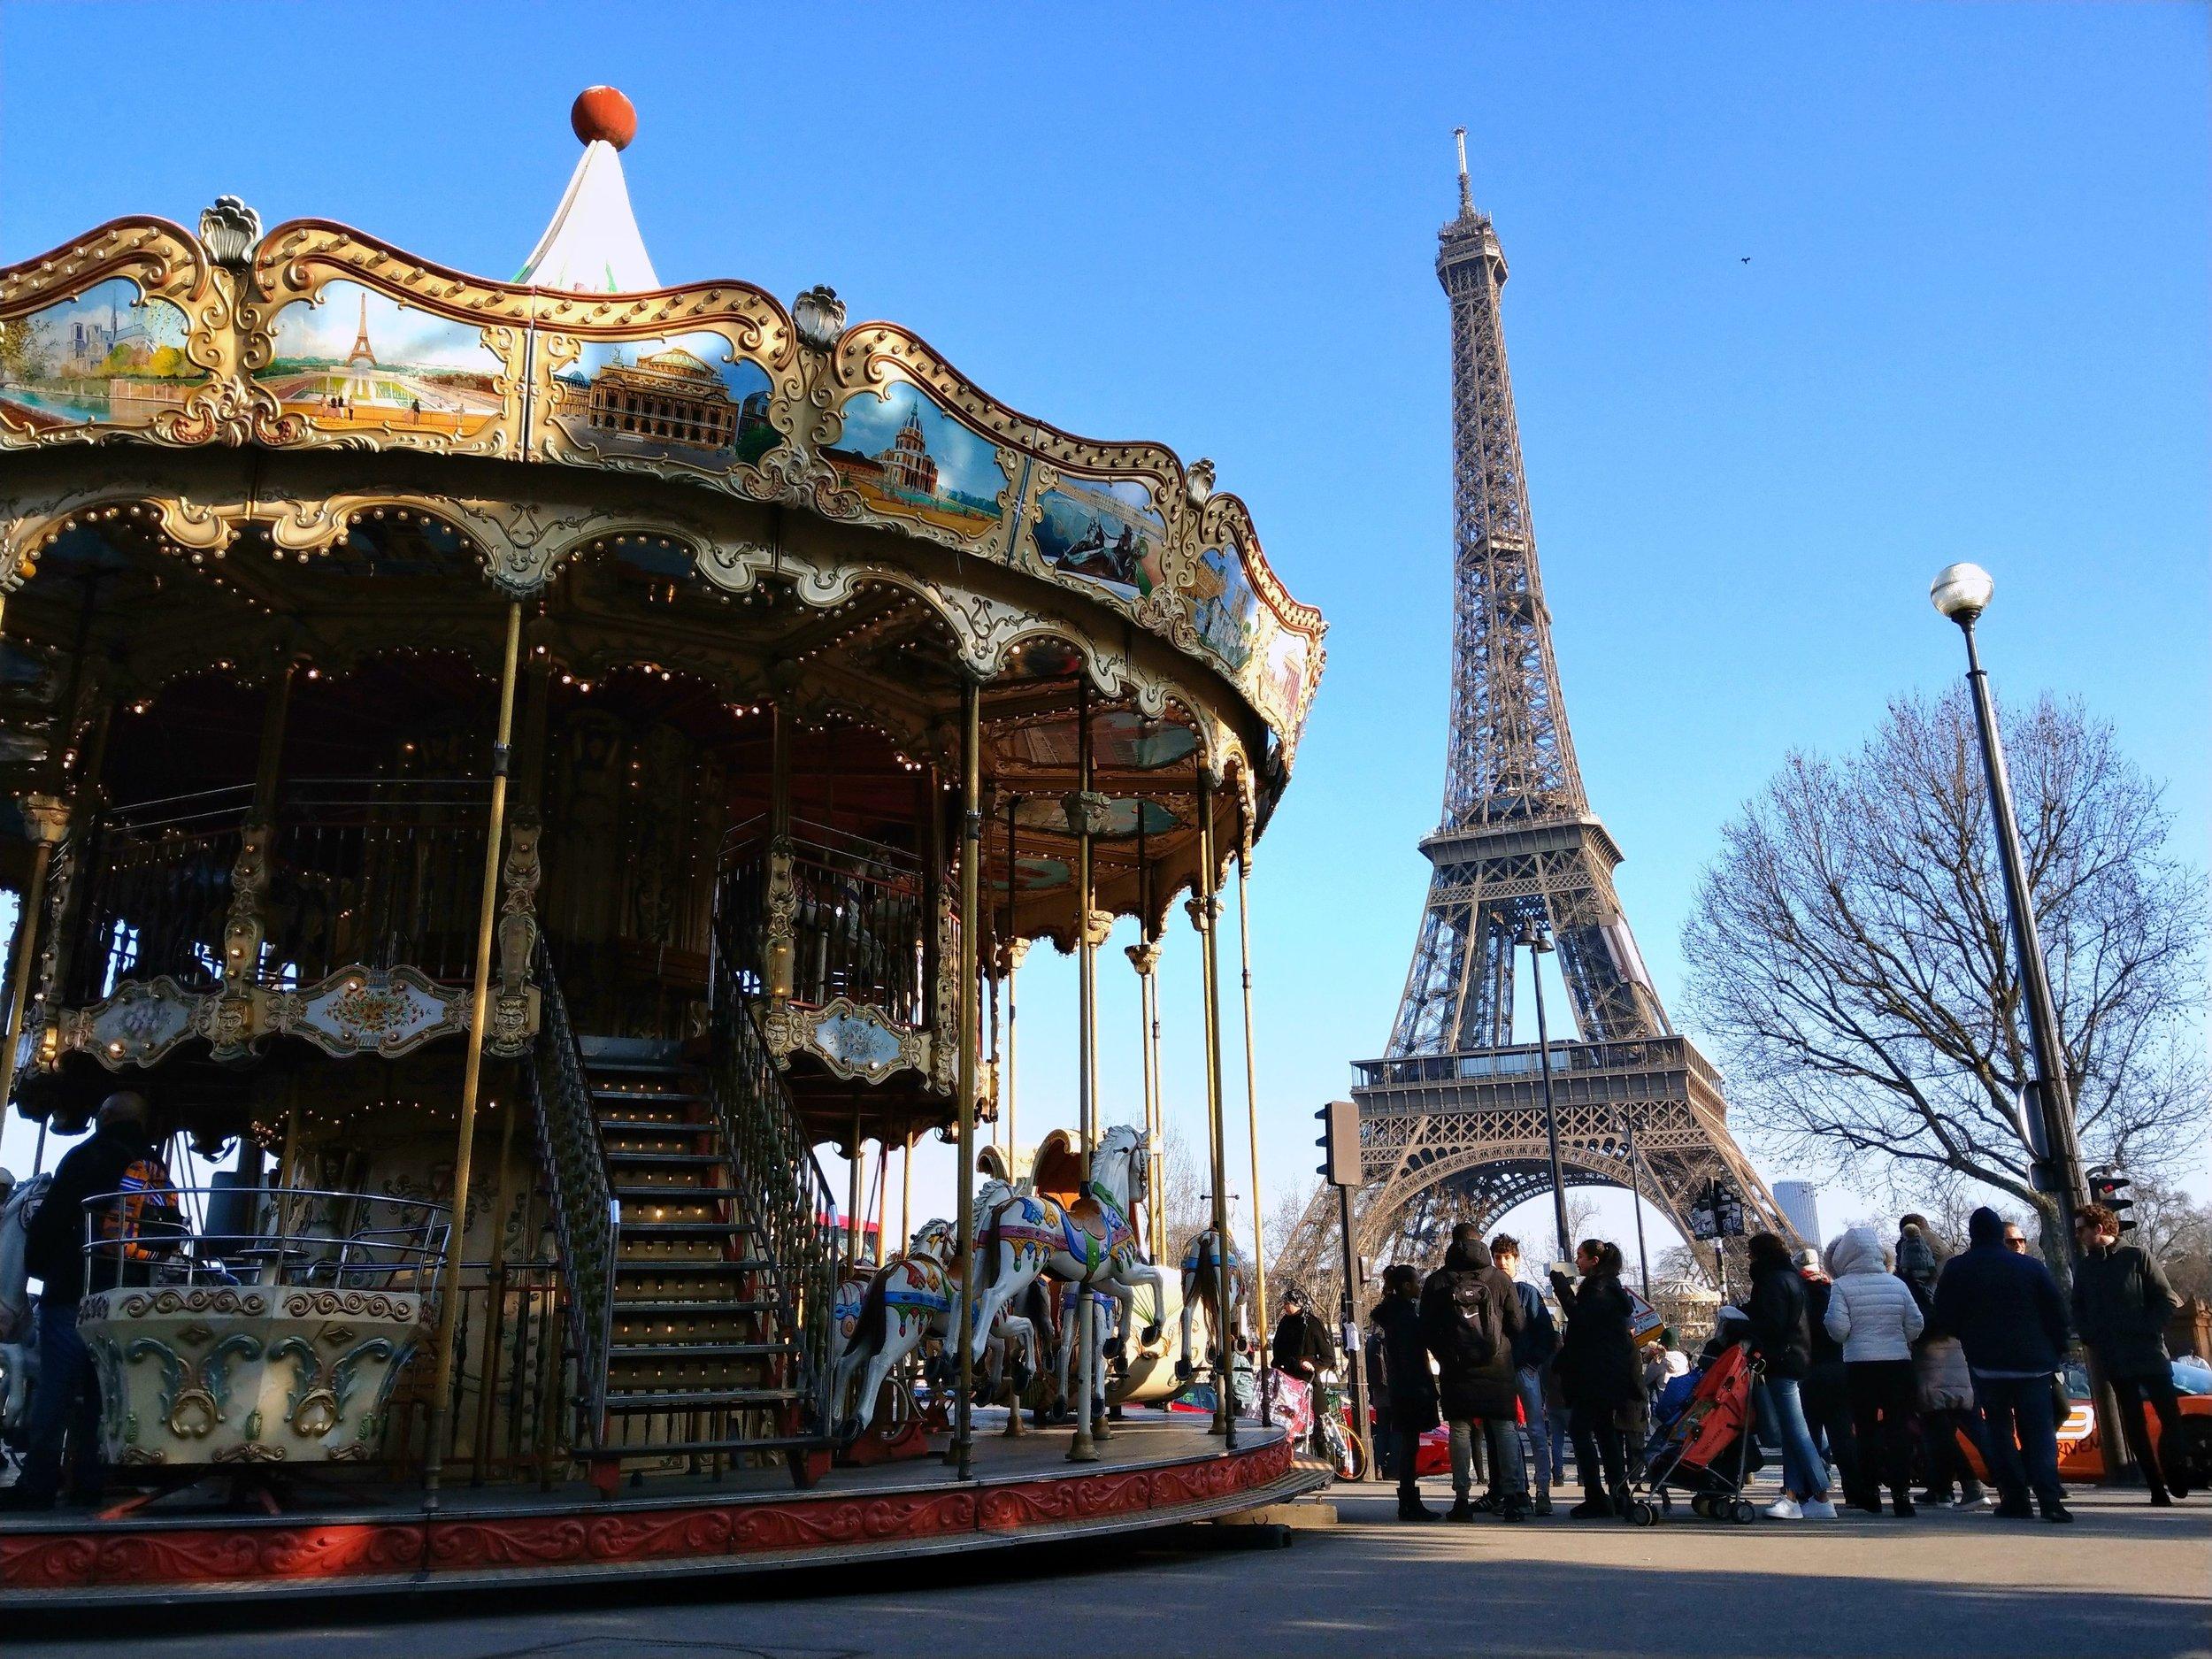 超簡單自助行・輕鬆攻下五大景點 - 法國・巴黎